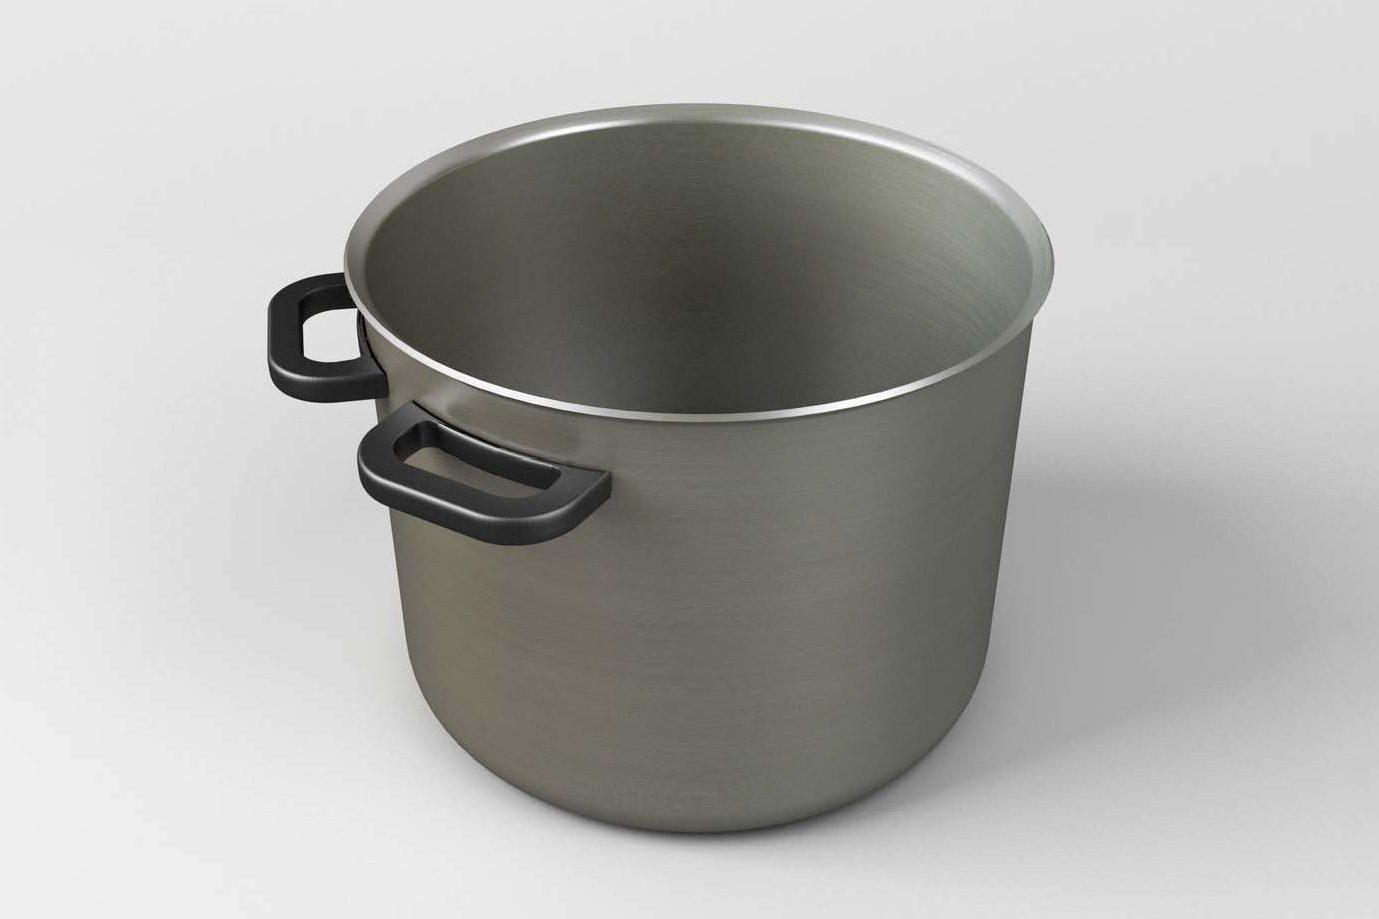 the uncomfortable pot Courtesy Katerina Kamprani